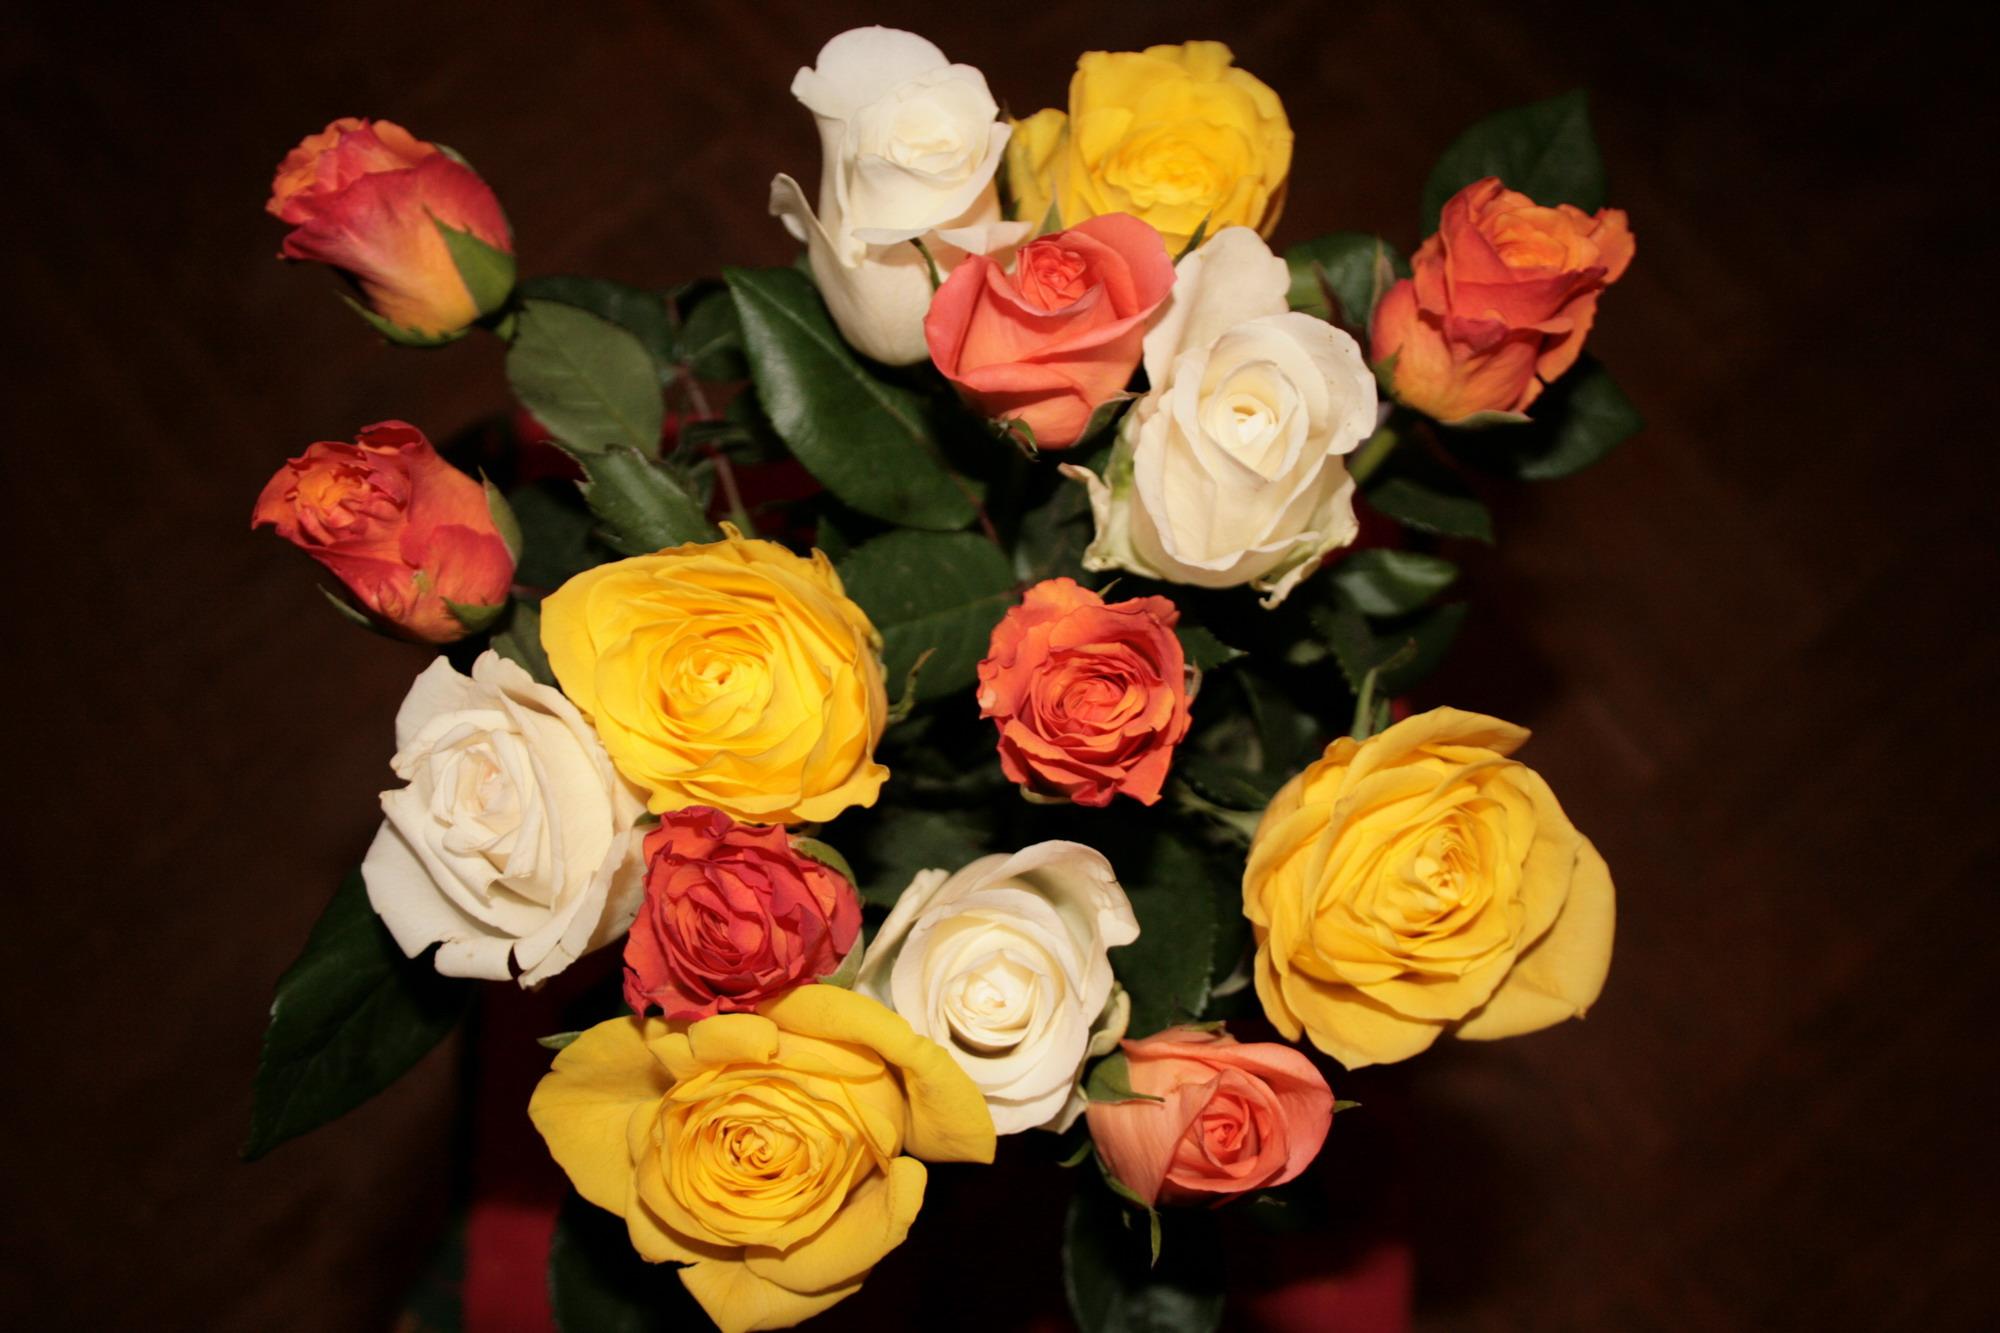 Подаренные цветы фото и названия